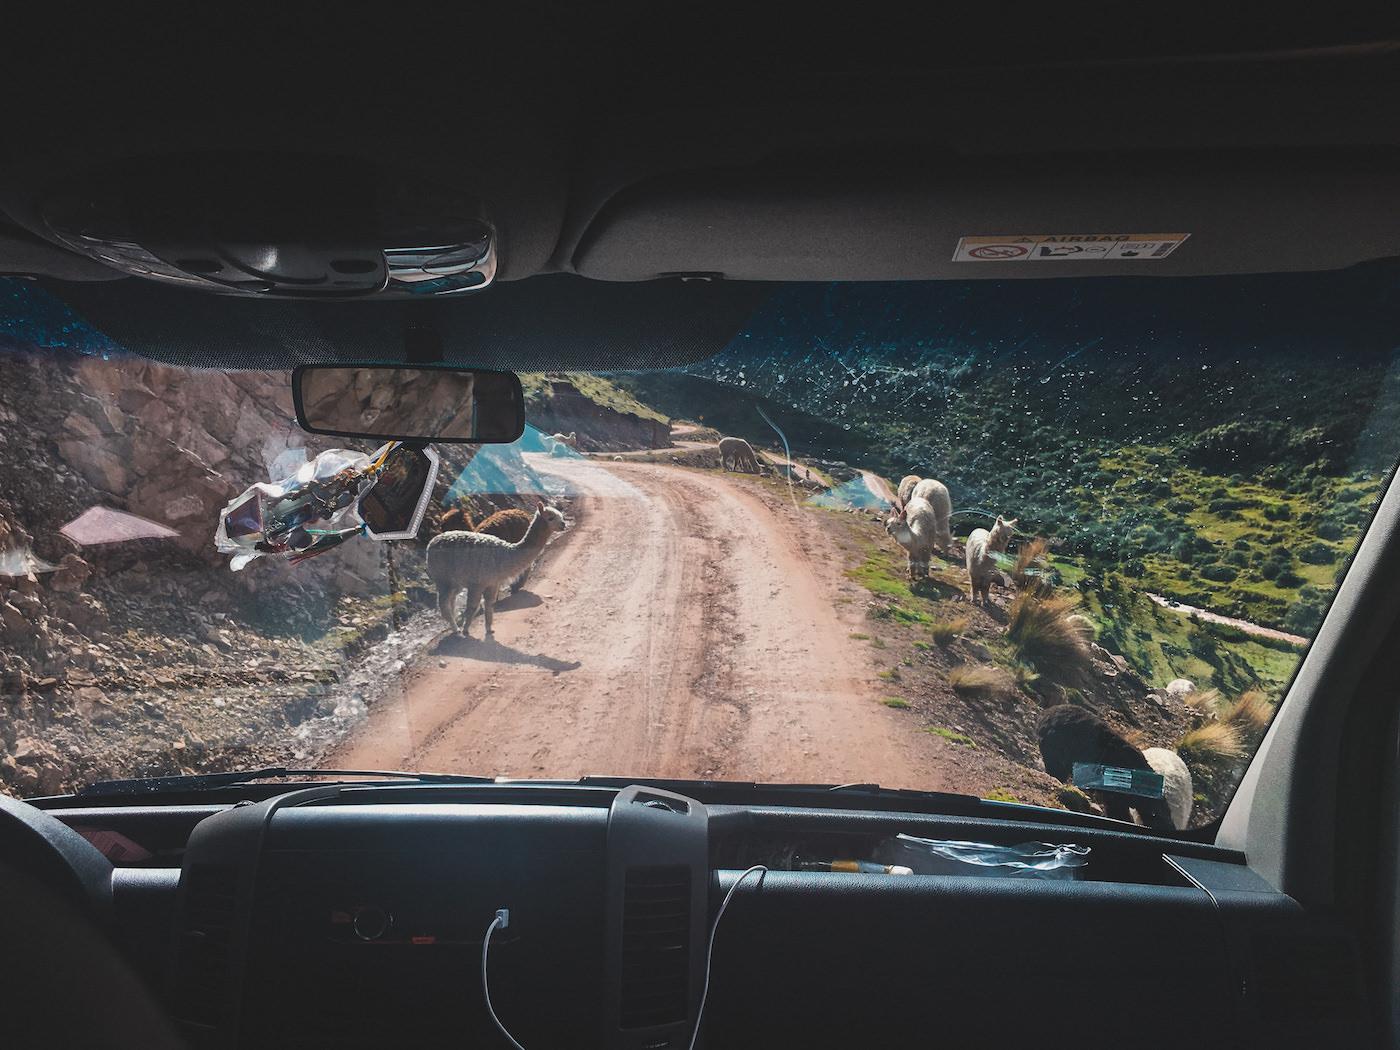 Lamy przy drodze